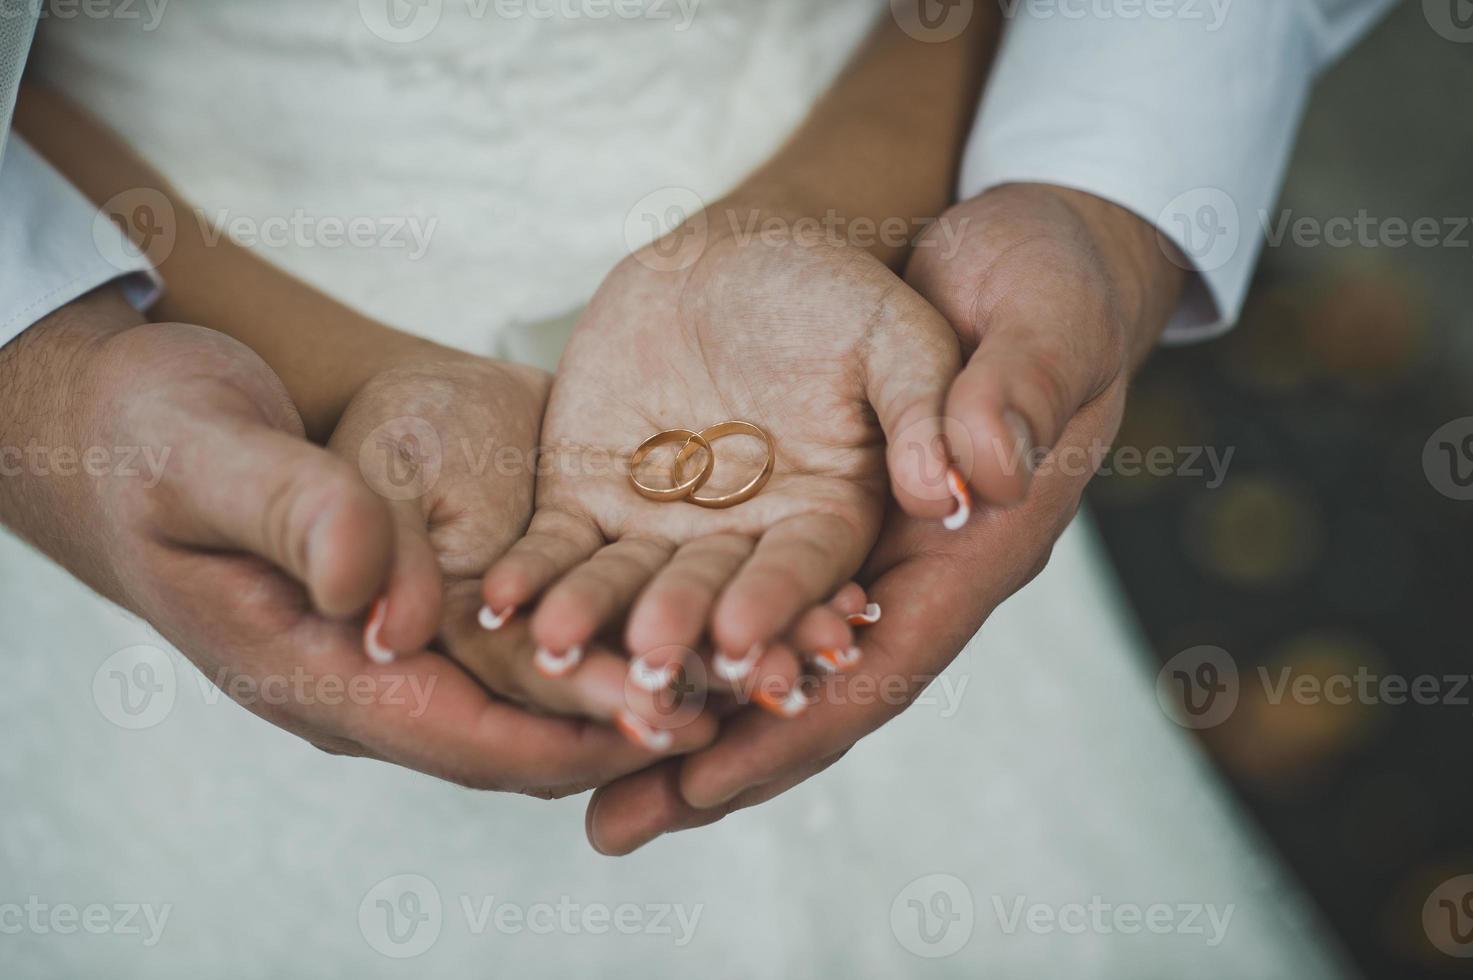 Eheringe in Händen des frisch verheirateten Paares 1929. foto